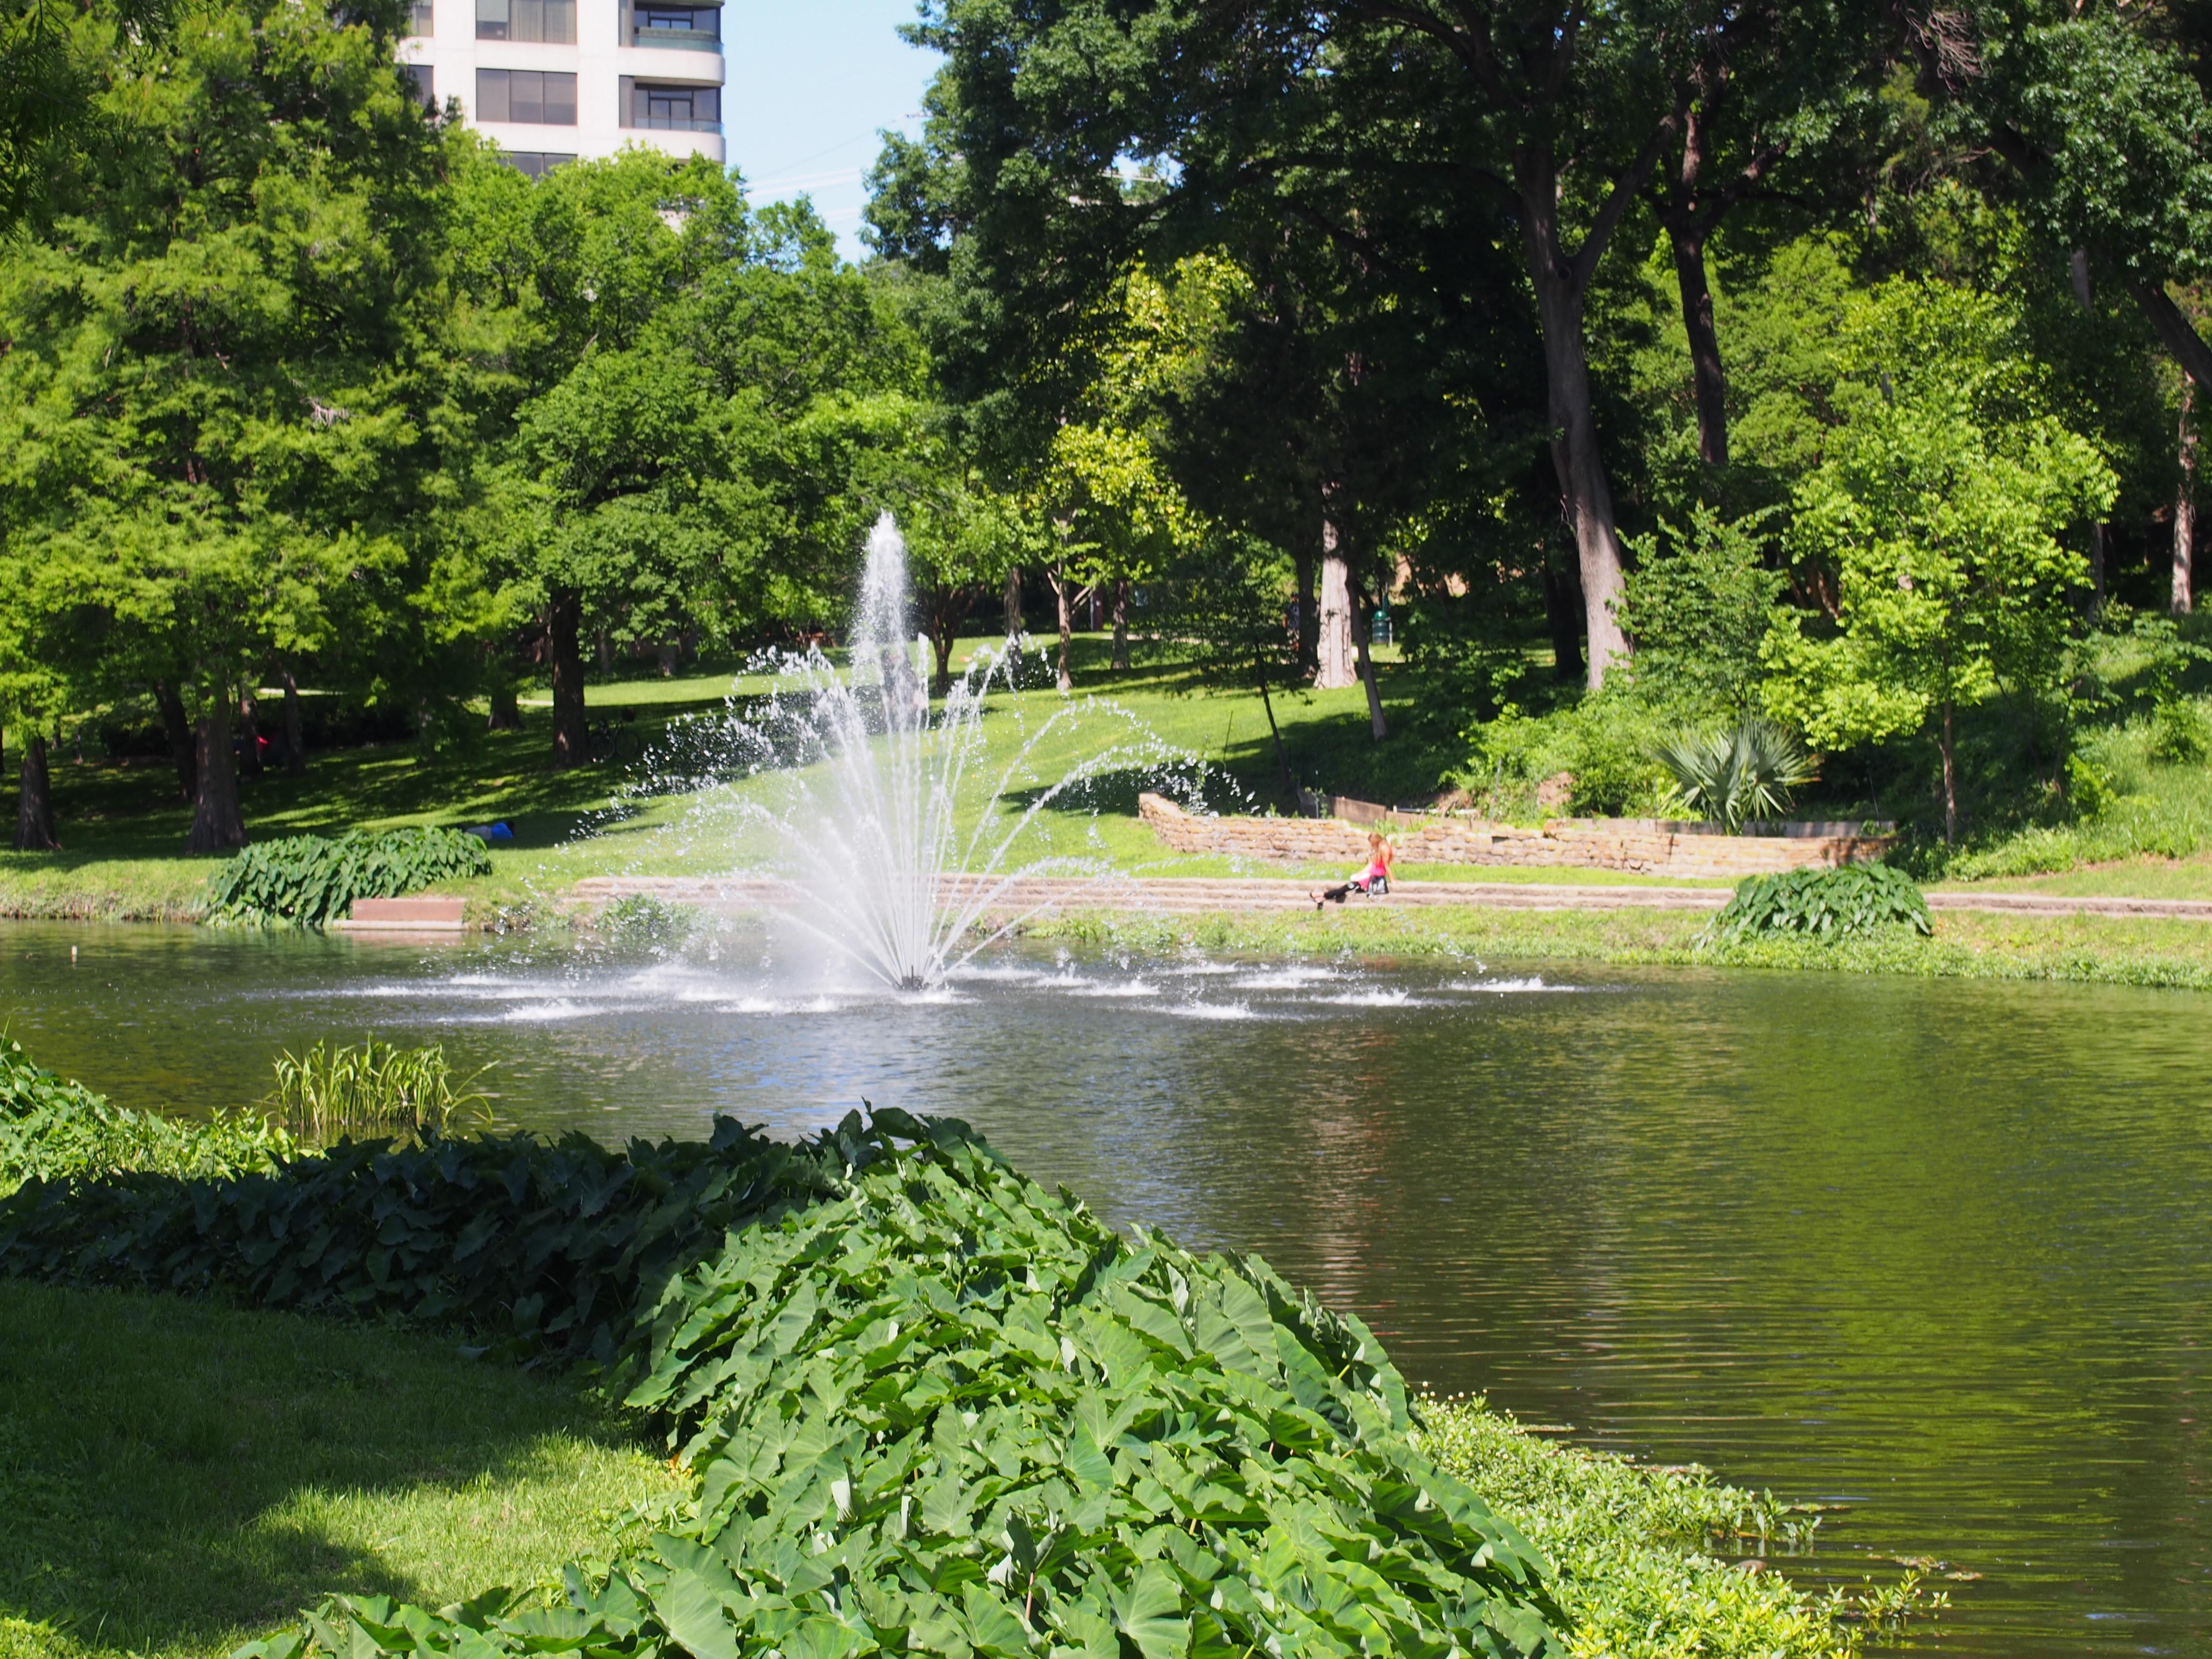 Dallas Turtle Creek